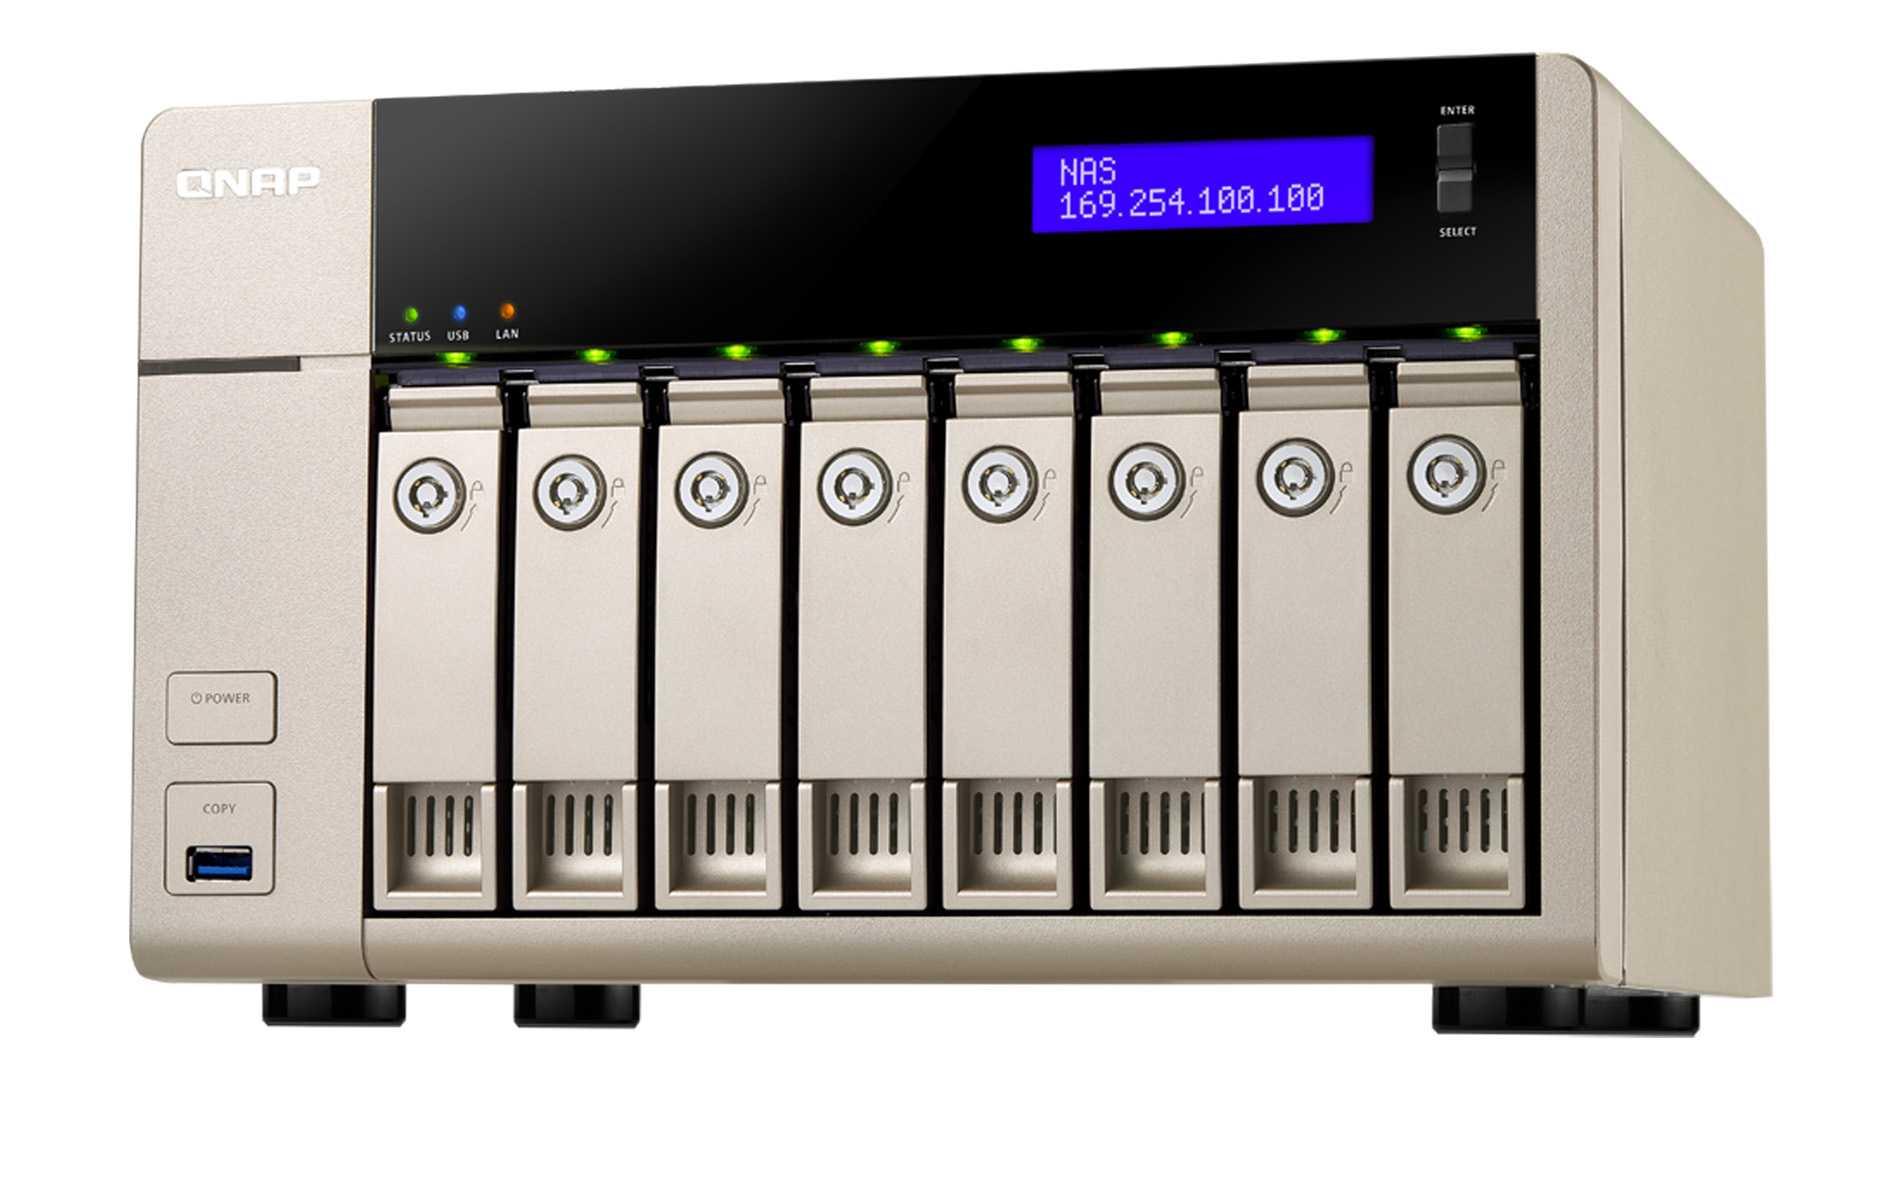 Zwei Nas Serien Von Qnap Mit Virtualisierung Heise Online Tvs 471 I3 4g Unterscheidet Zwischen X86 Netzwerkspeicher Optisch Anhand Der Gehusefarbe Amd Gerte Sind In Beige Gehalten Intel Modelle Prsentieren Sich